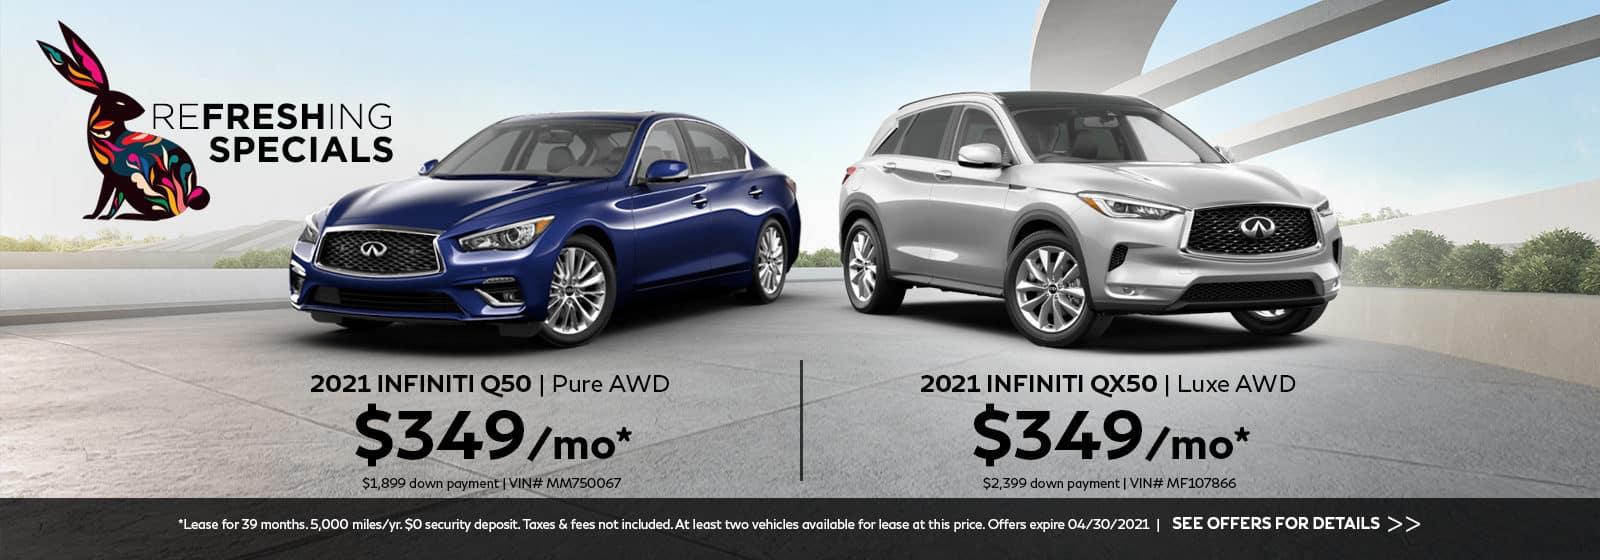 A blue 2021 INFINITI Q50 and a silver 2021 INFINITI QX50